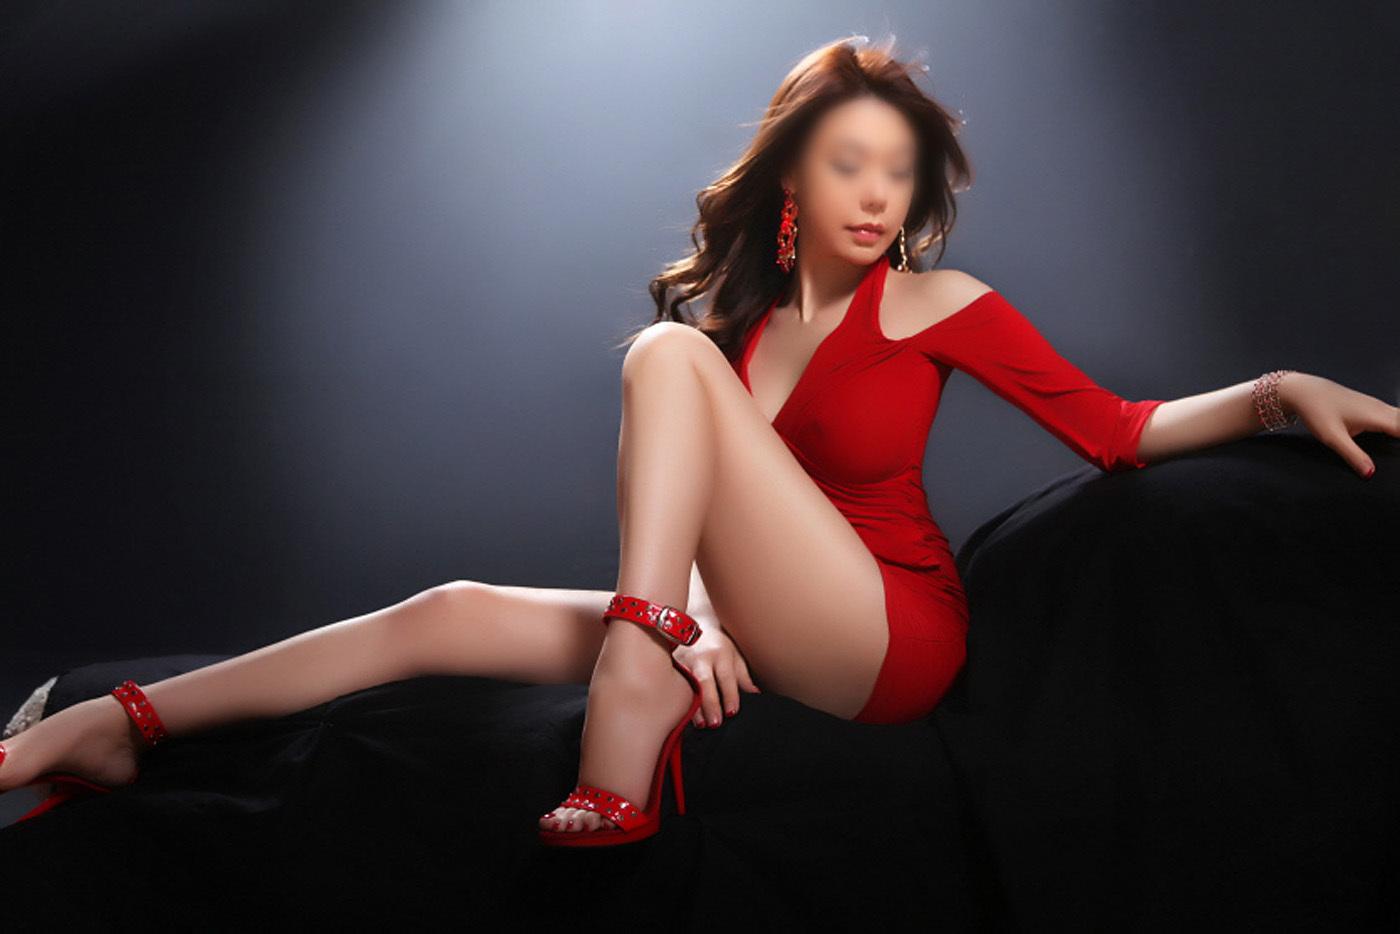 Megan Erotic